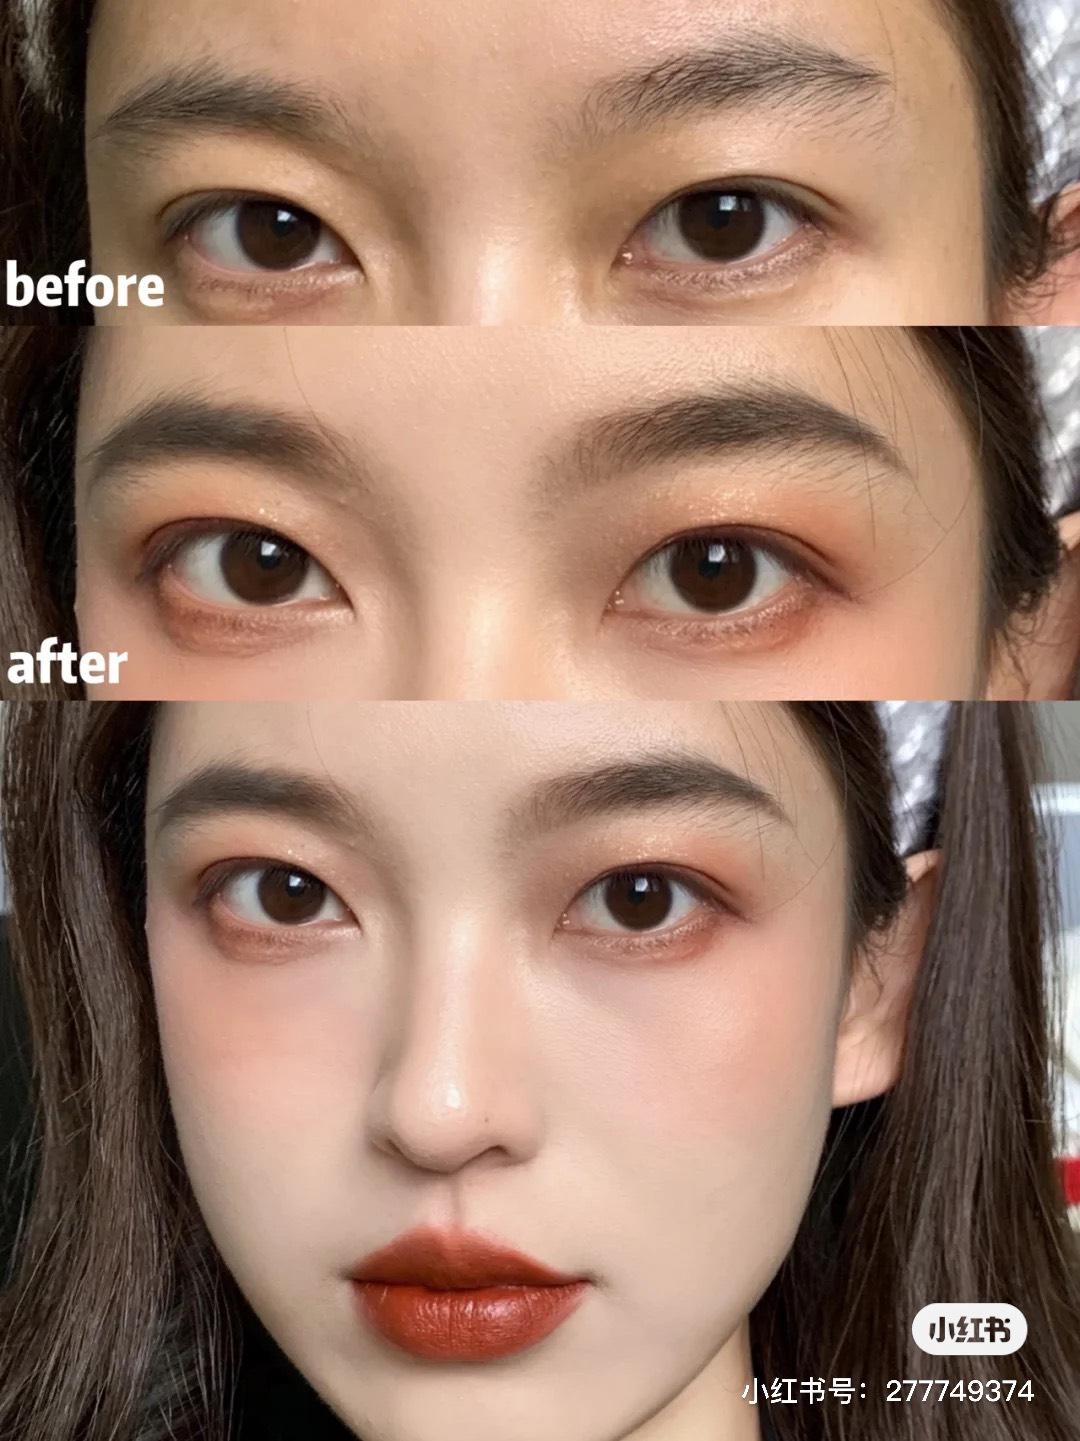 看一下對比圖就知道,畫上眉毛可以讓整個妝容更加精緻,還有集中五官、小臉的效果,眼睛也變得更有神了~